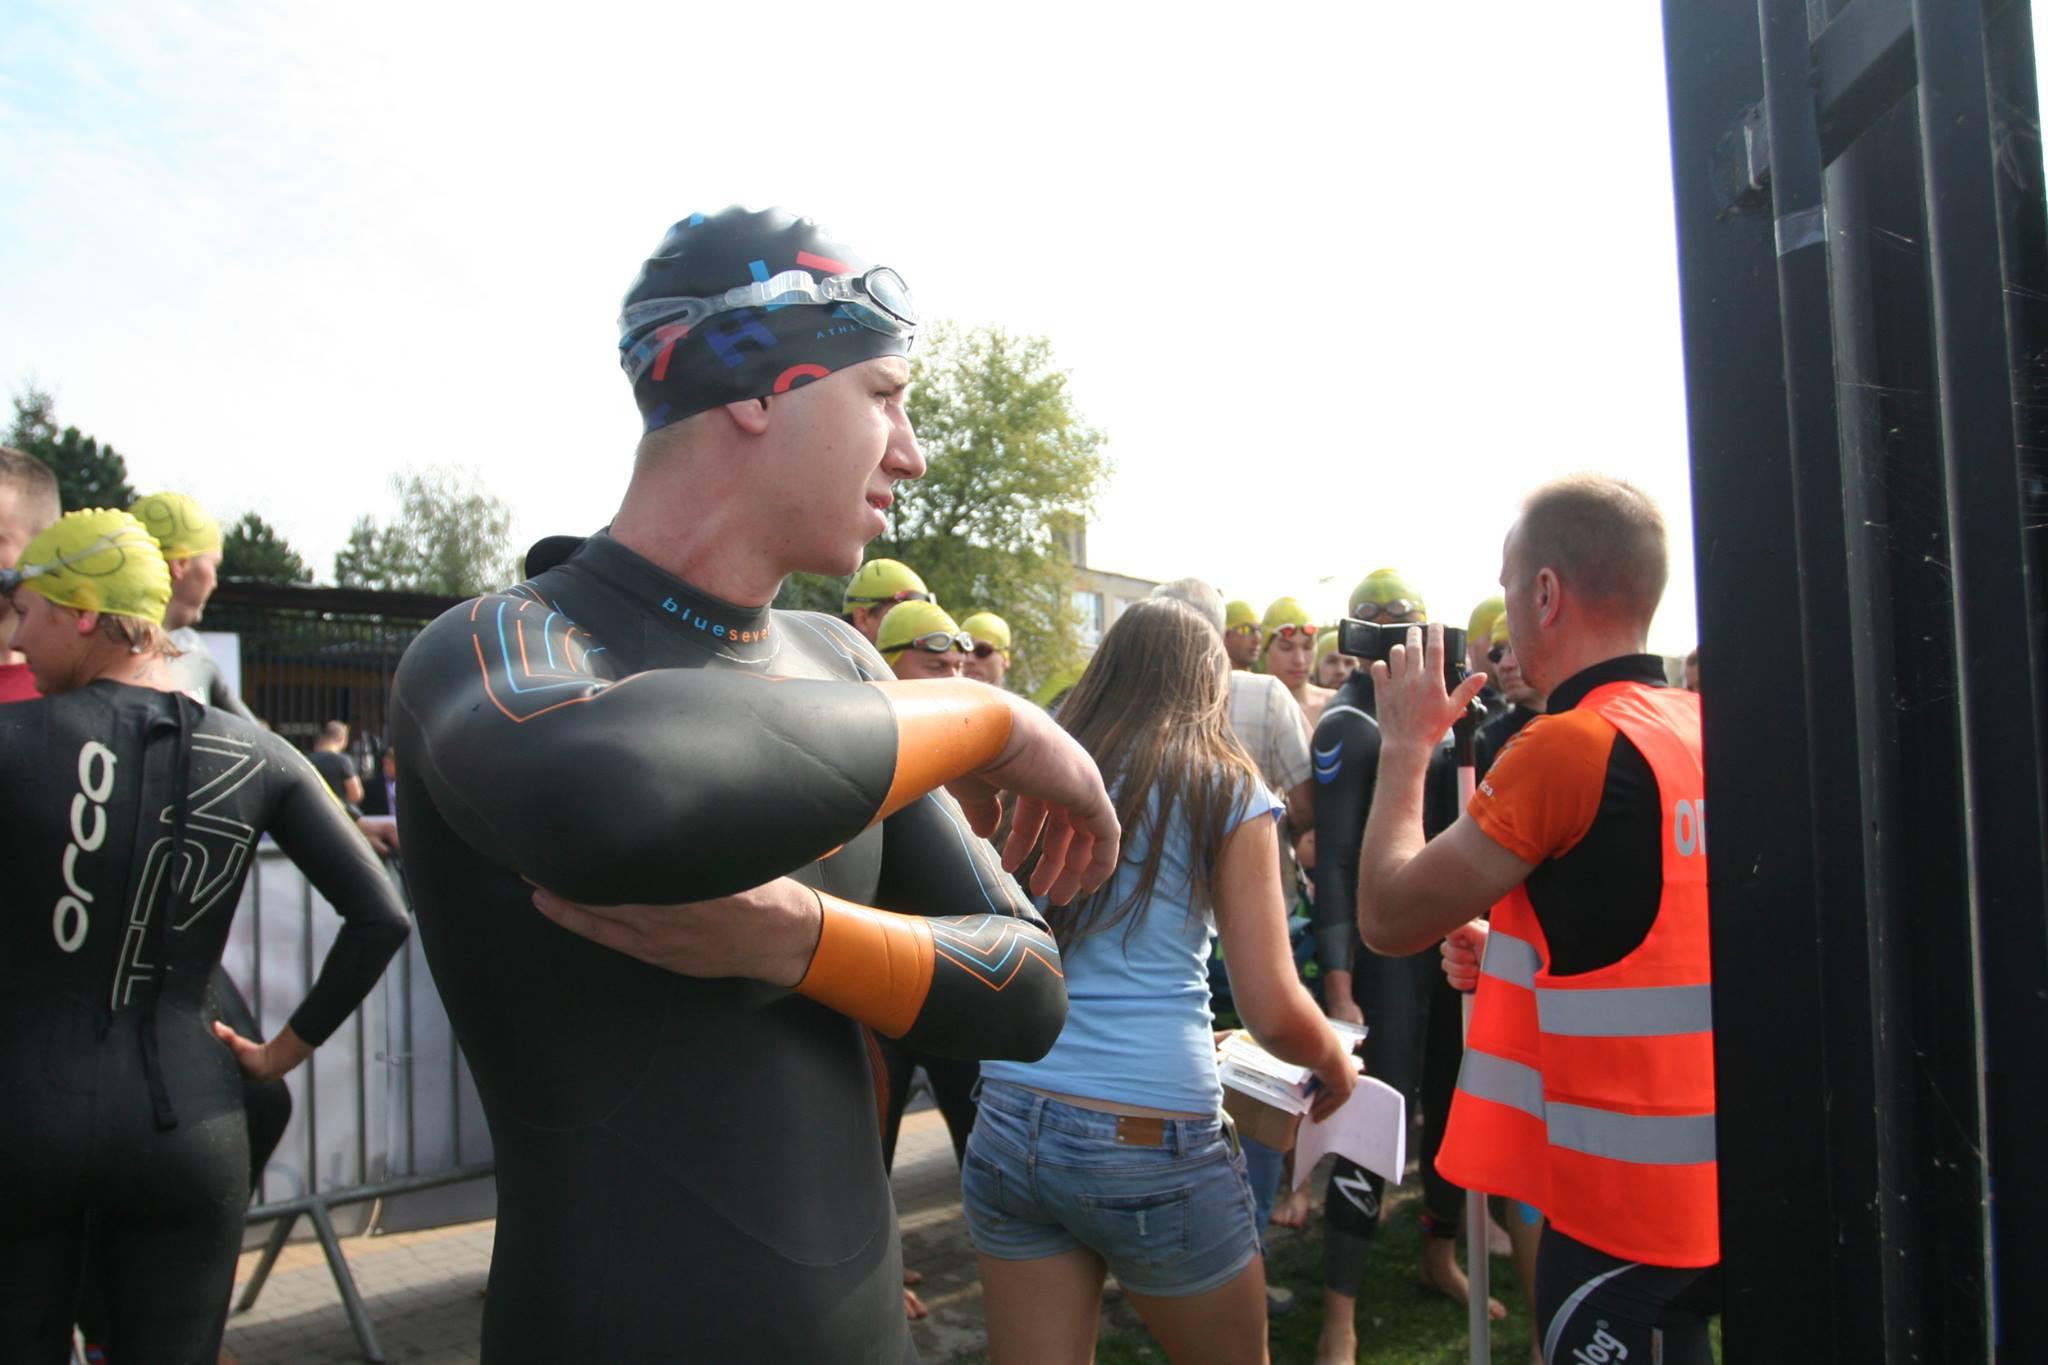 kamil-aleksejew-moj-pierwszy-triathlon-cyklomaniacy-5